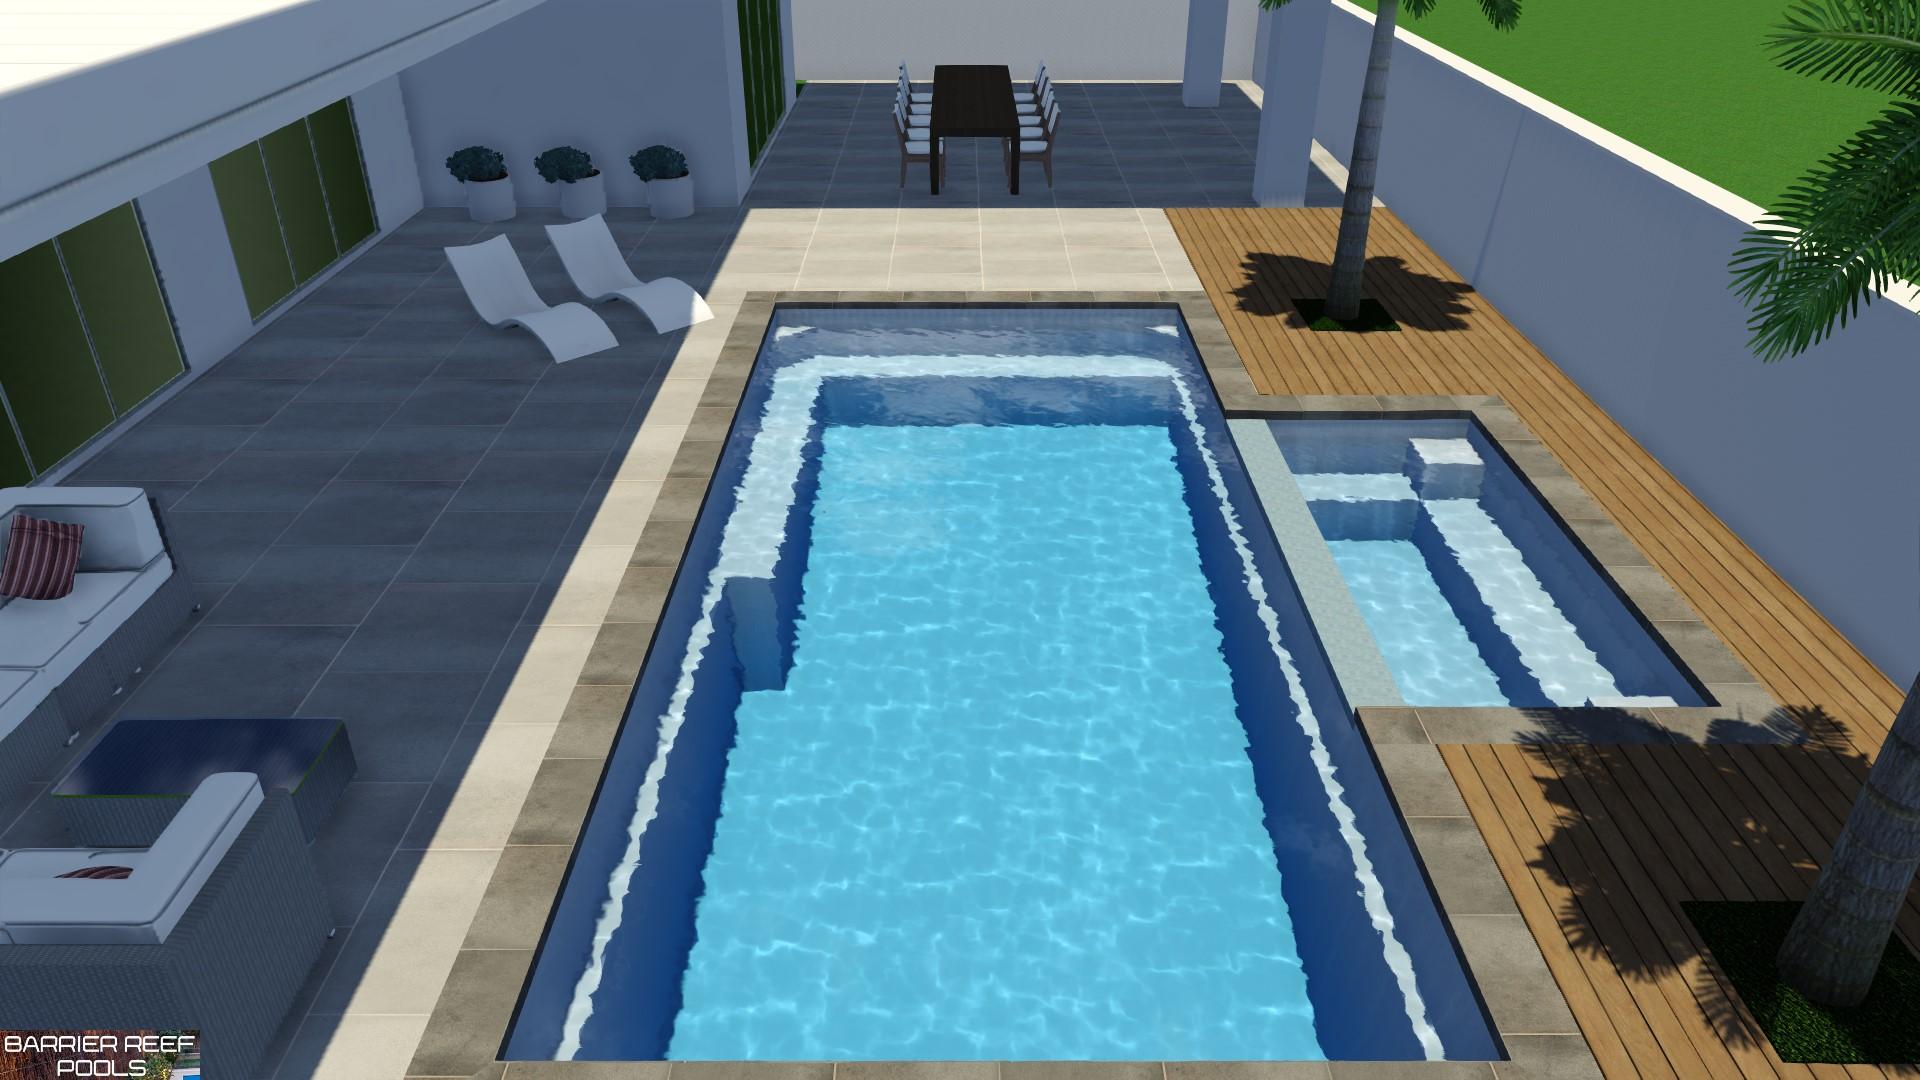 Barrier-Reef-Pools-5